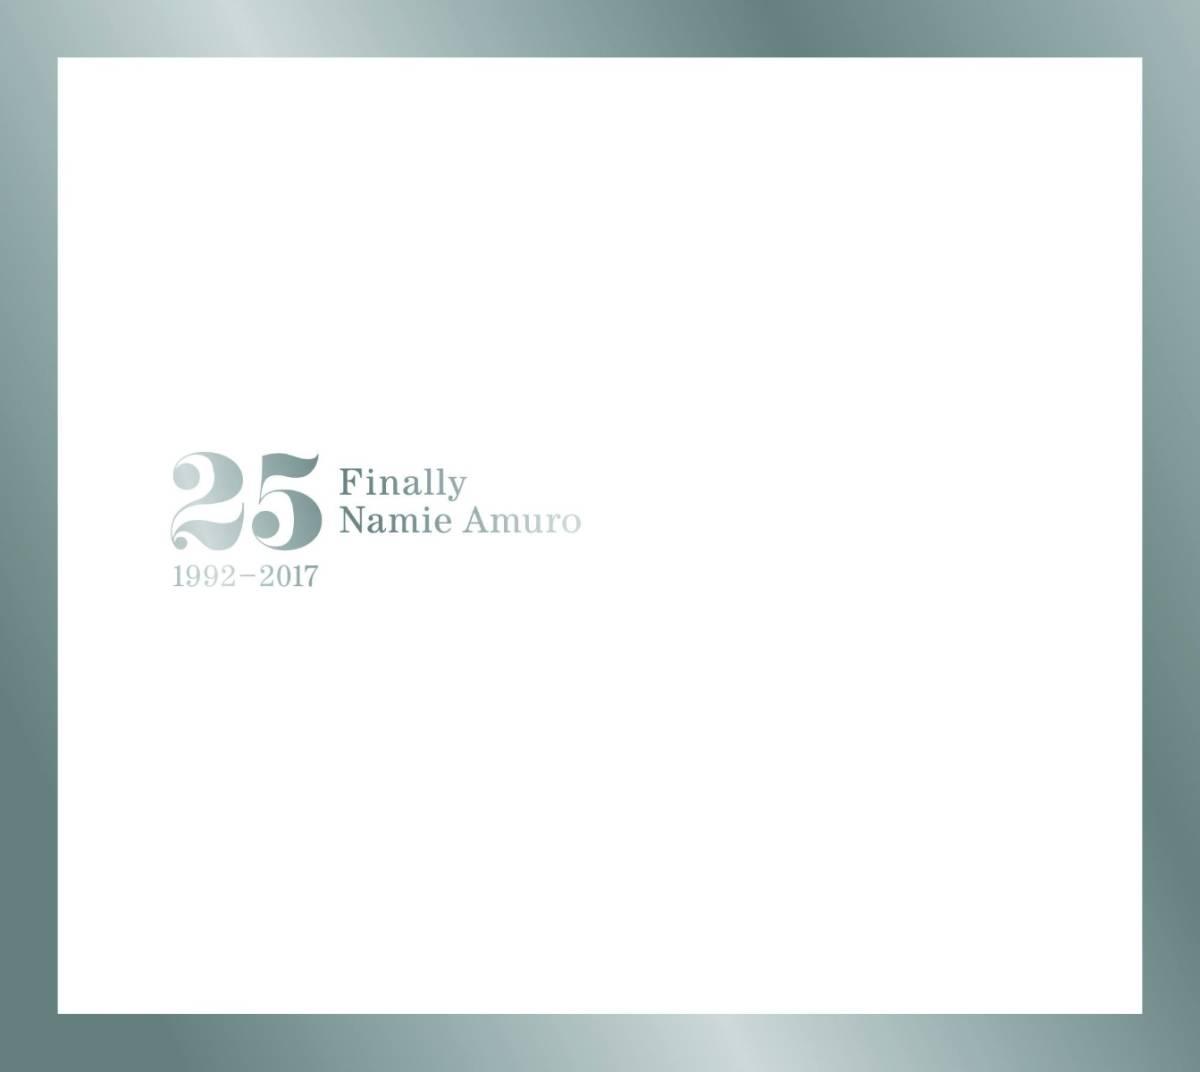 新品未開封 安室奈美恵 Finally (3CD+DVD+スマプラ) 未視聴 未再生 新品未開封 ?